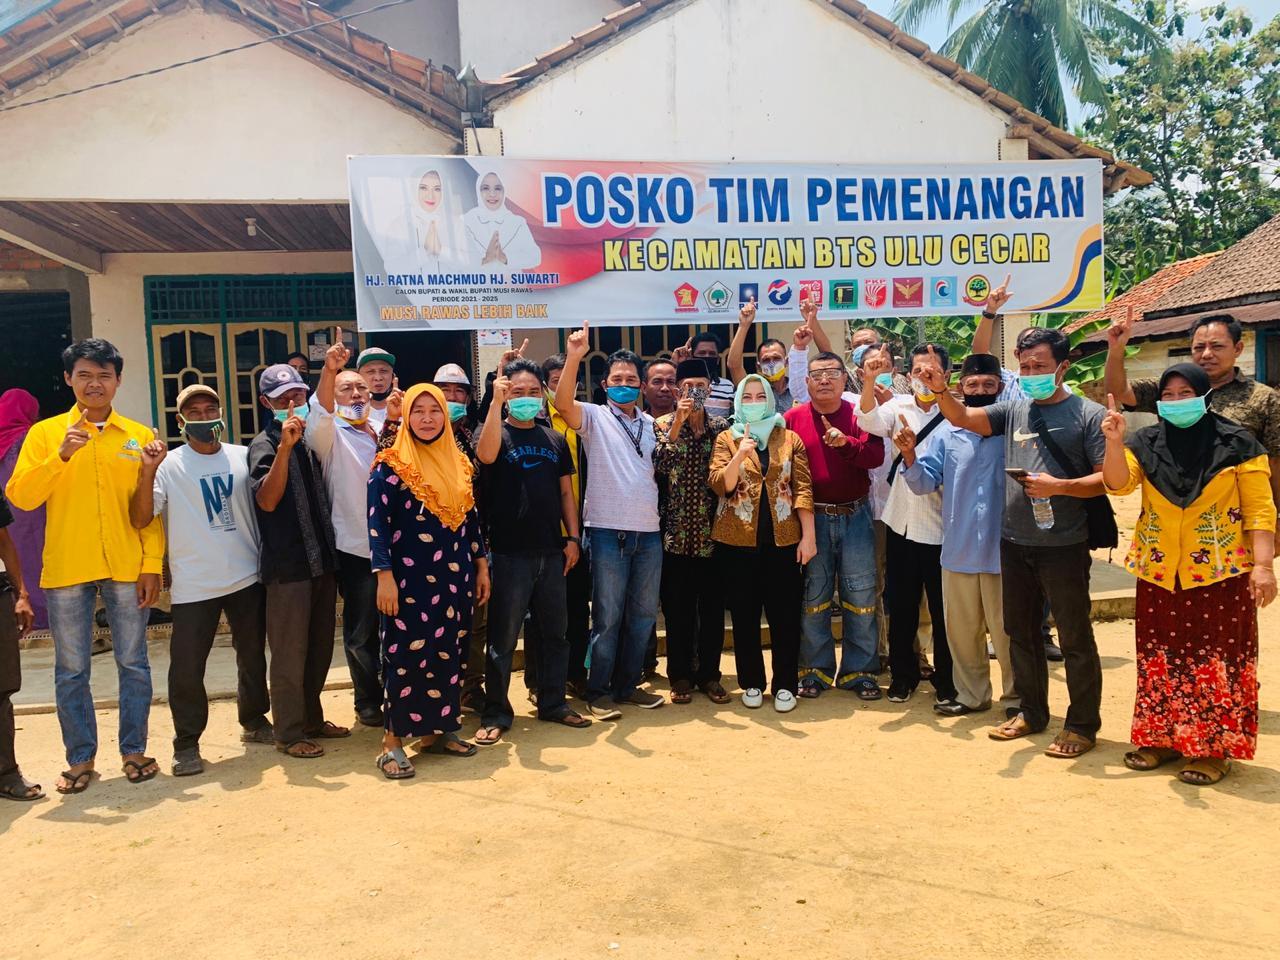 Tim Kecamatan Dan Desa Janji Ramah Berati Menang di BTS Ulu Cecar